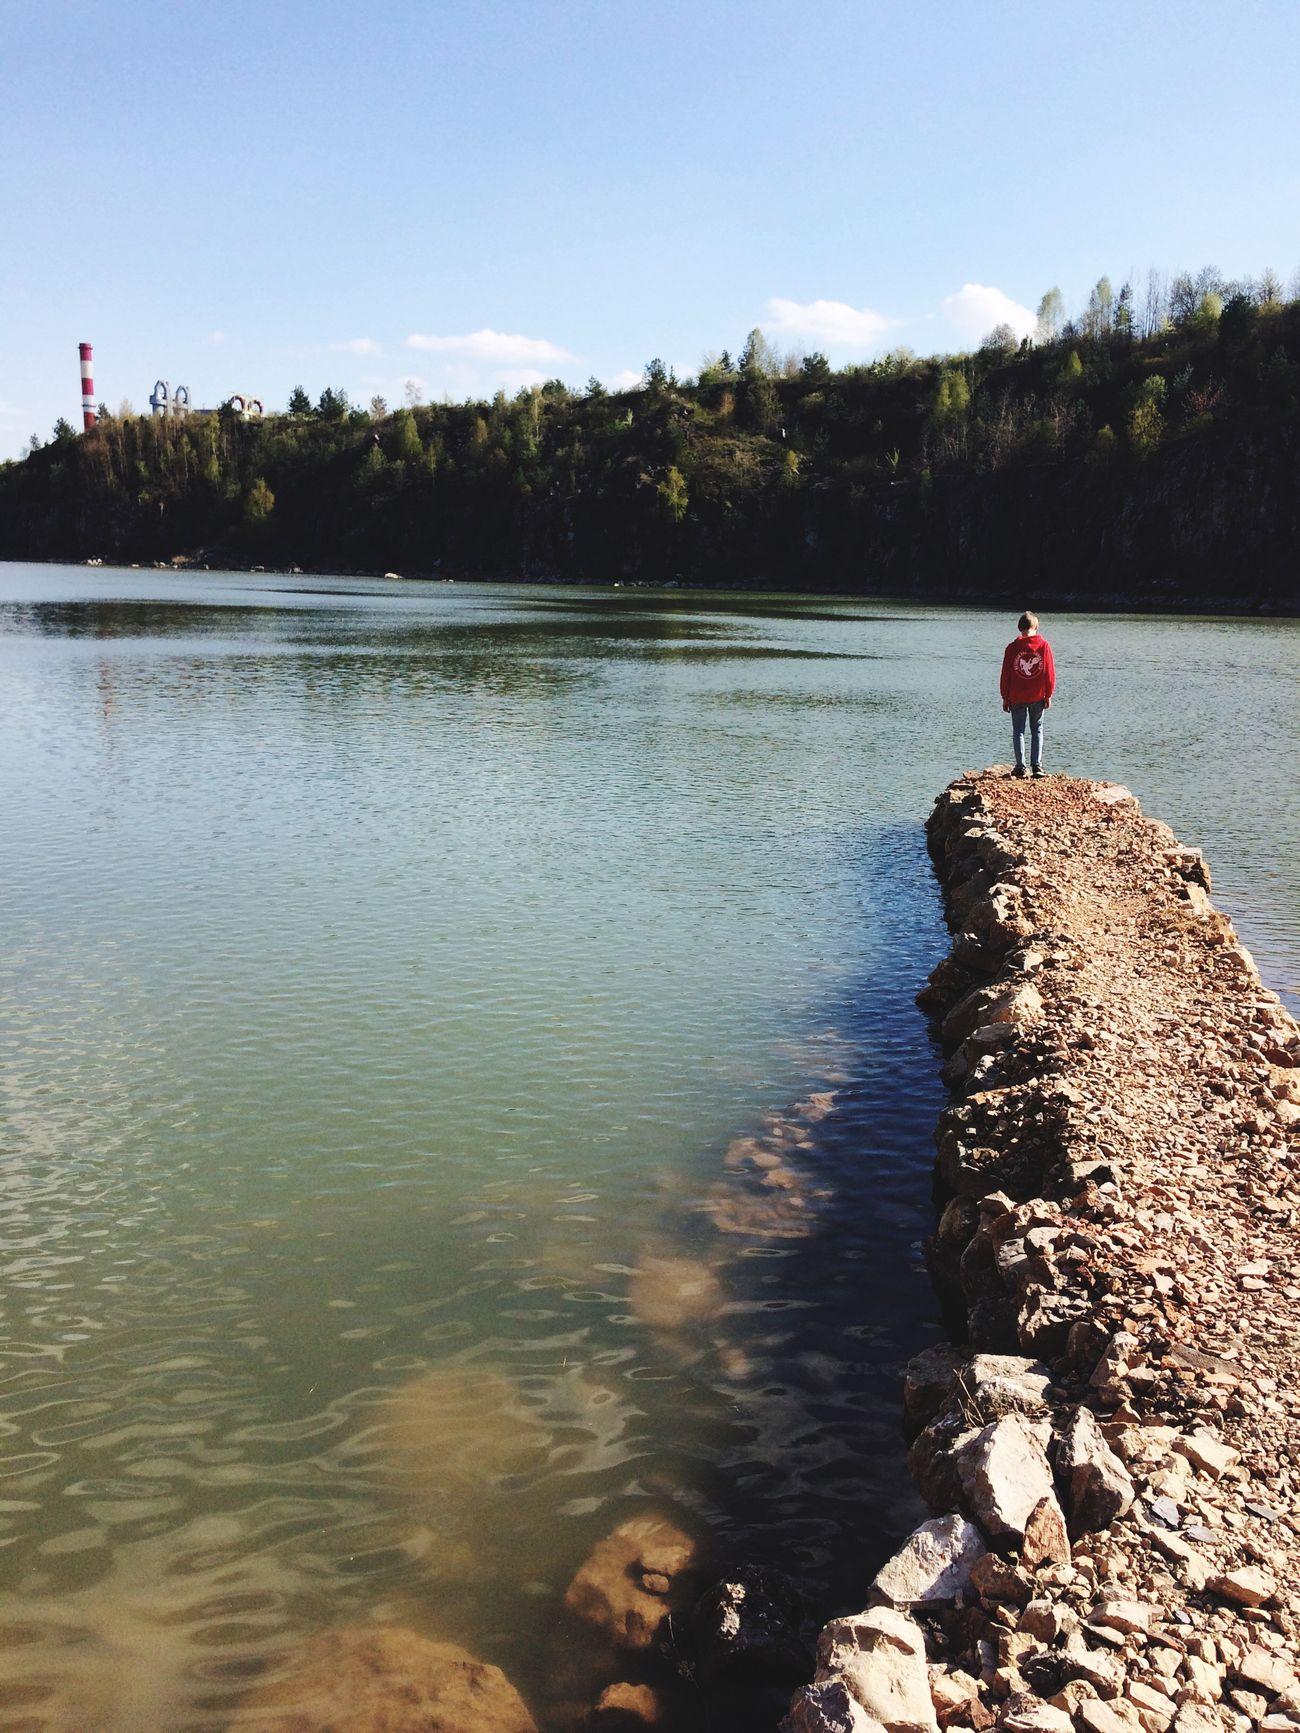 Kubuś na 1 planie 👍🏻👌🏻 Nowiny Kamieniovelove Mycountry